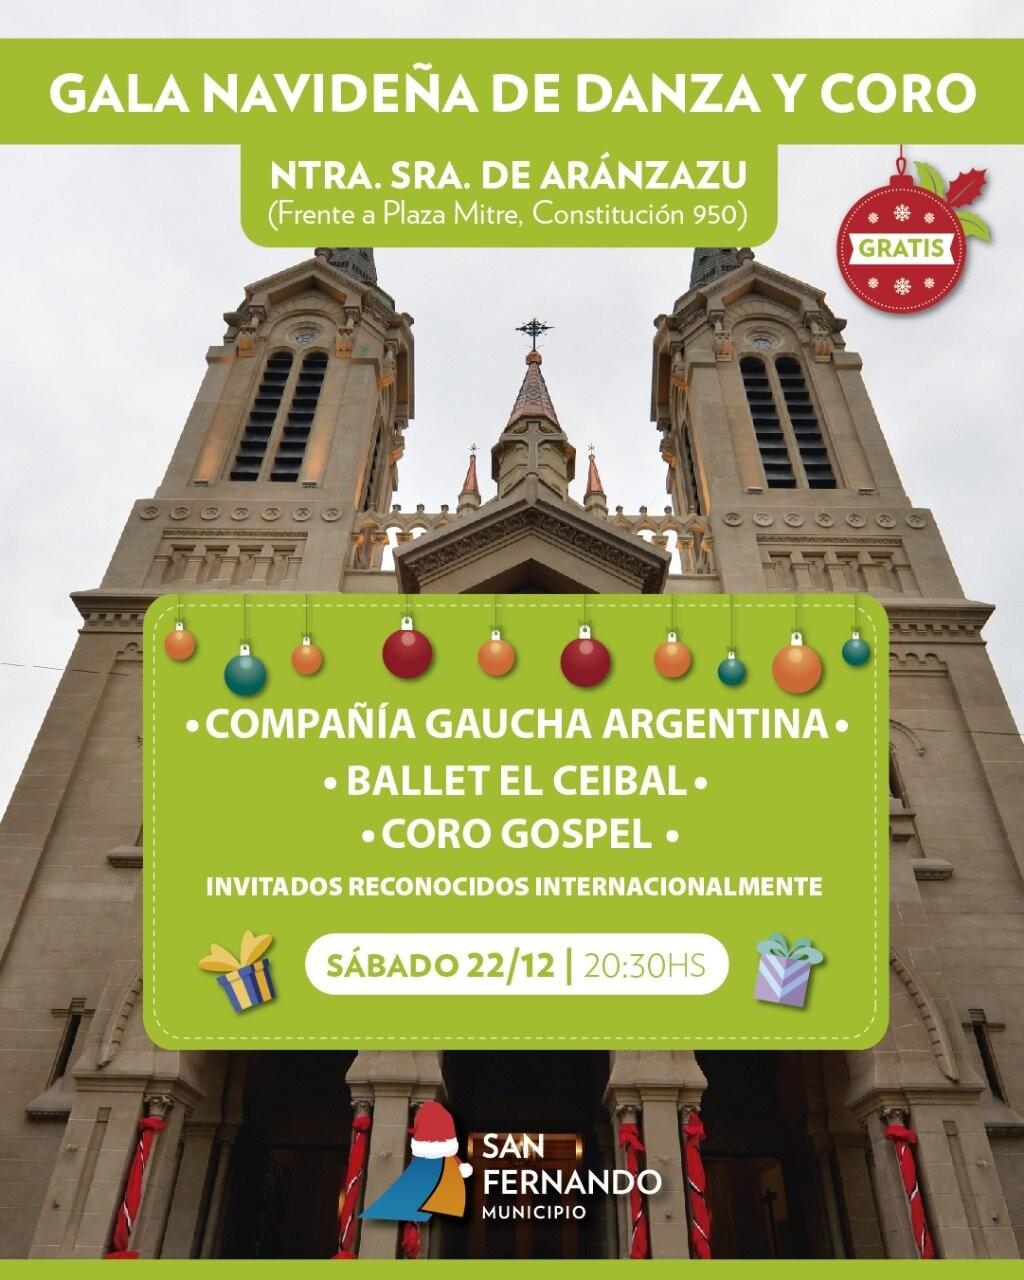 Este sábado, Gala Navideña de Danza y Coro en la Parroquia Aránzazu de San Fernando